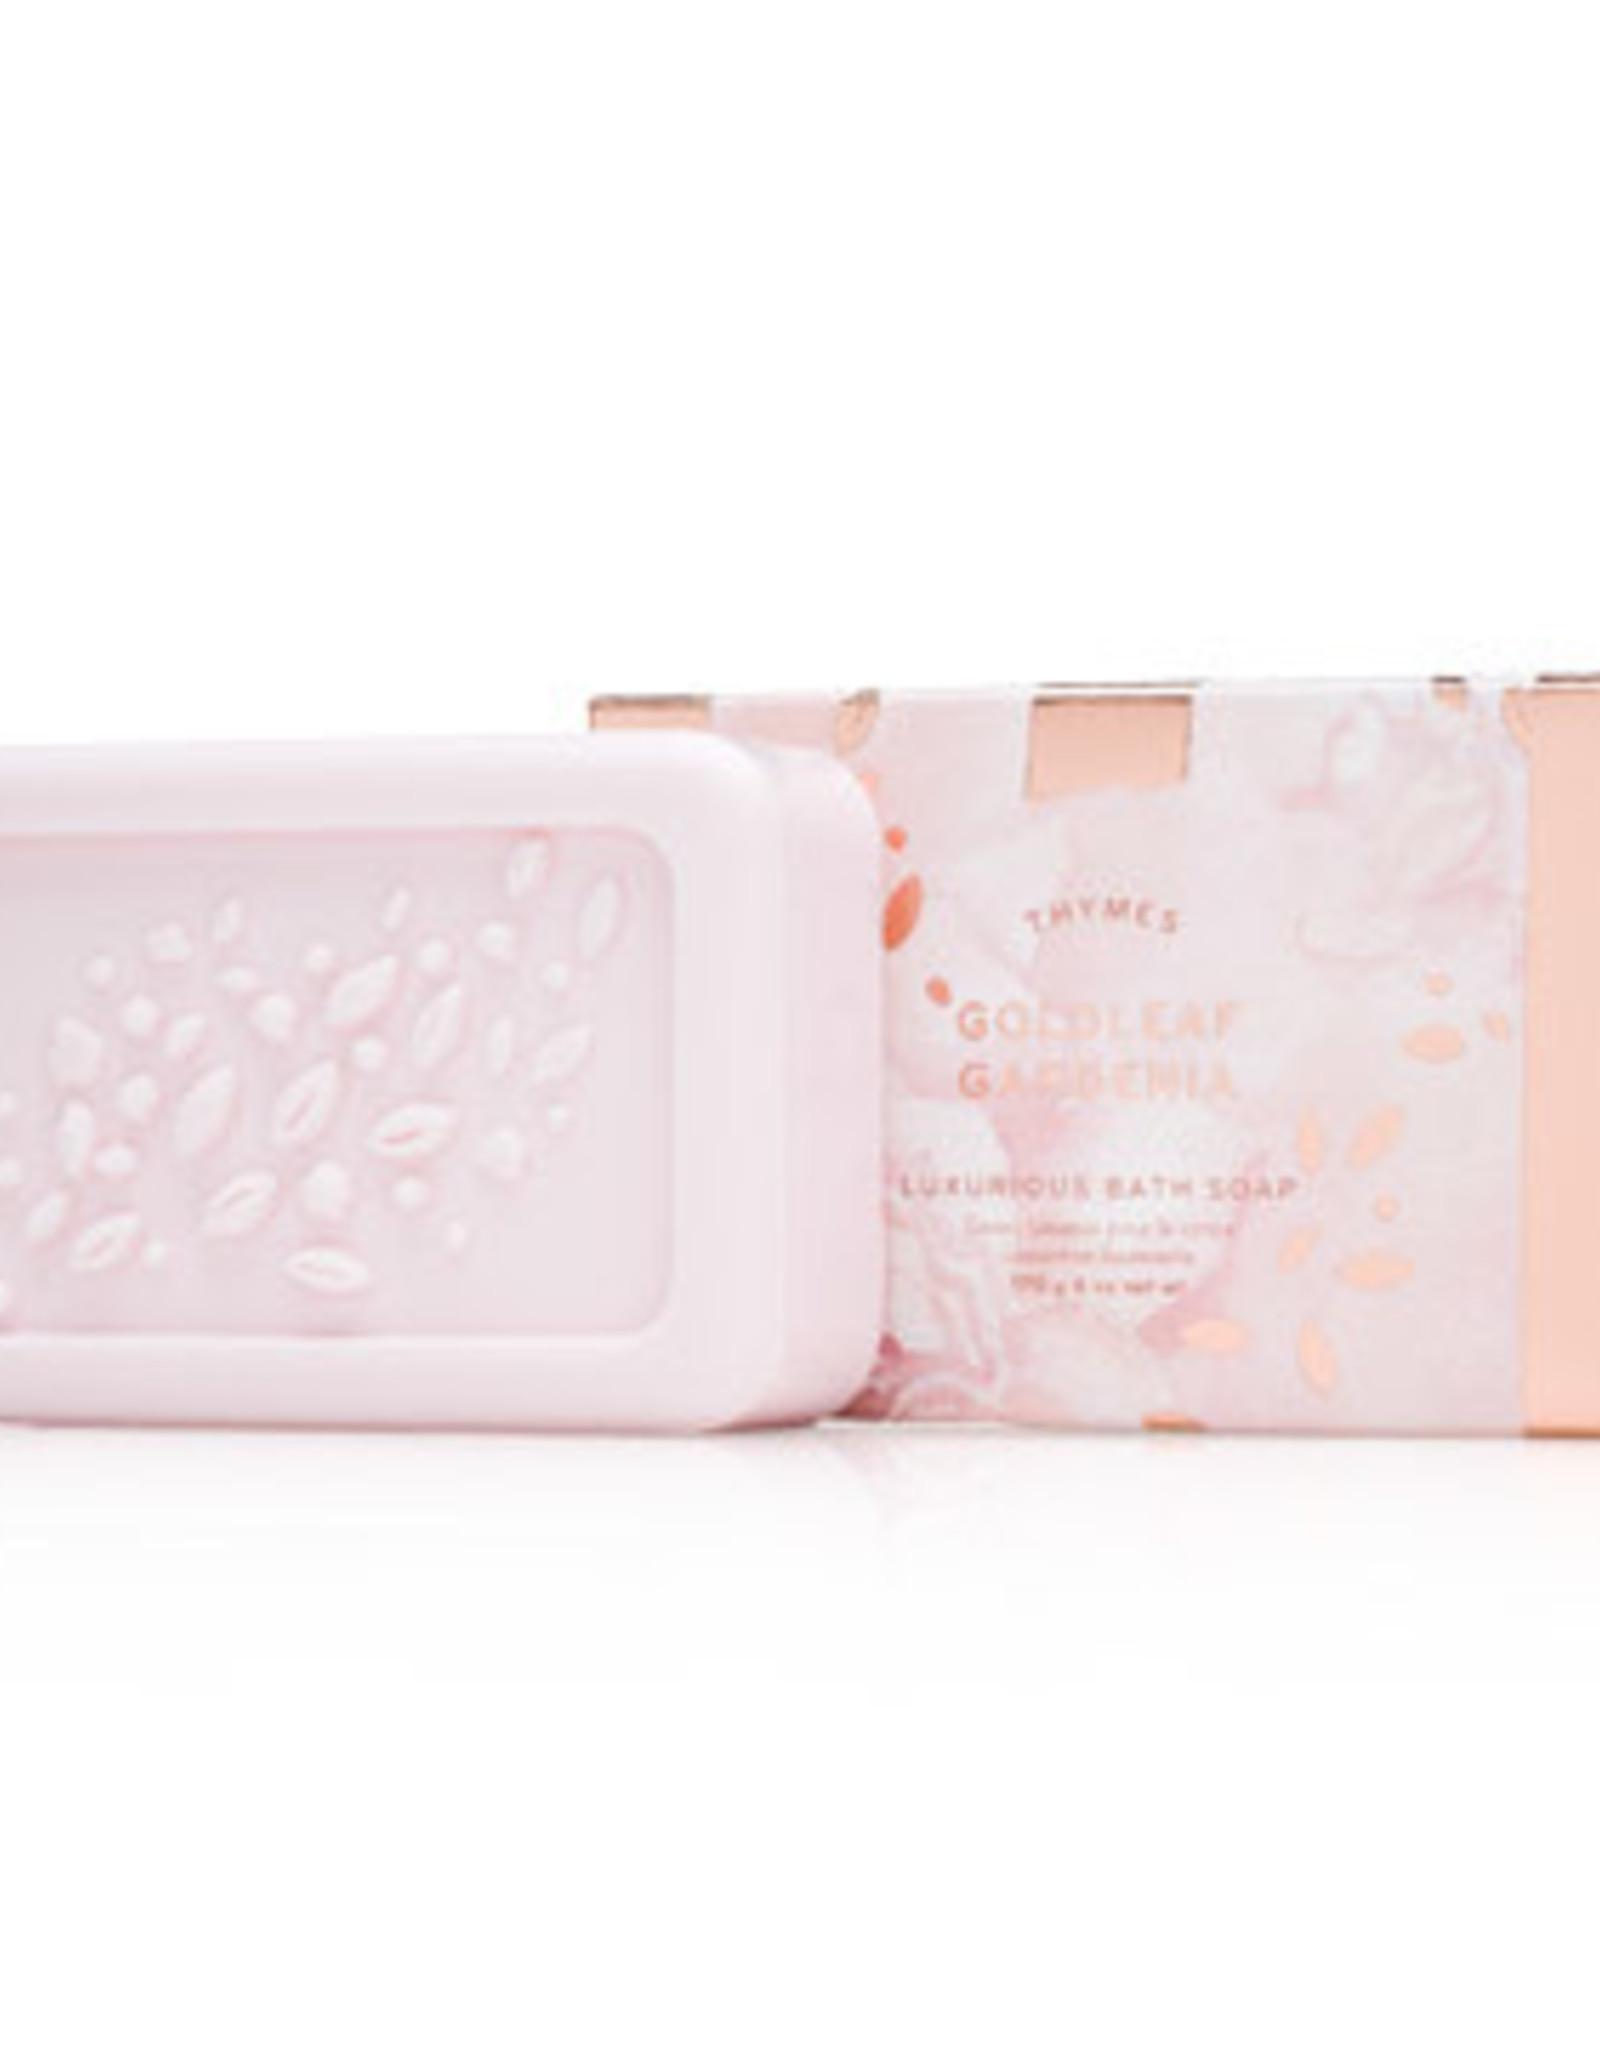 Thymes Bath Soap - Goldleaf Gardenia